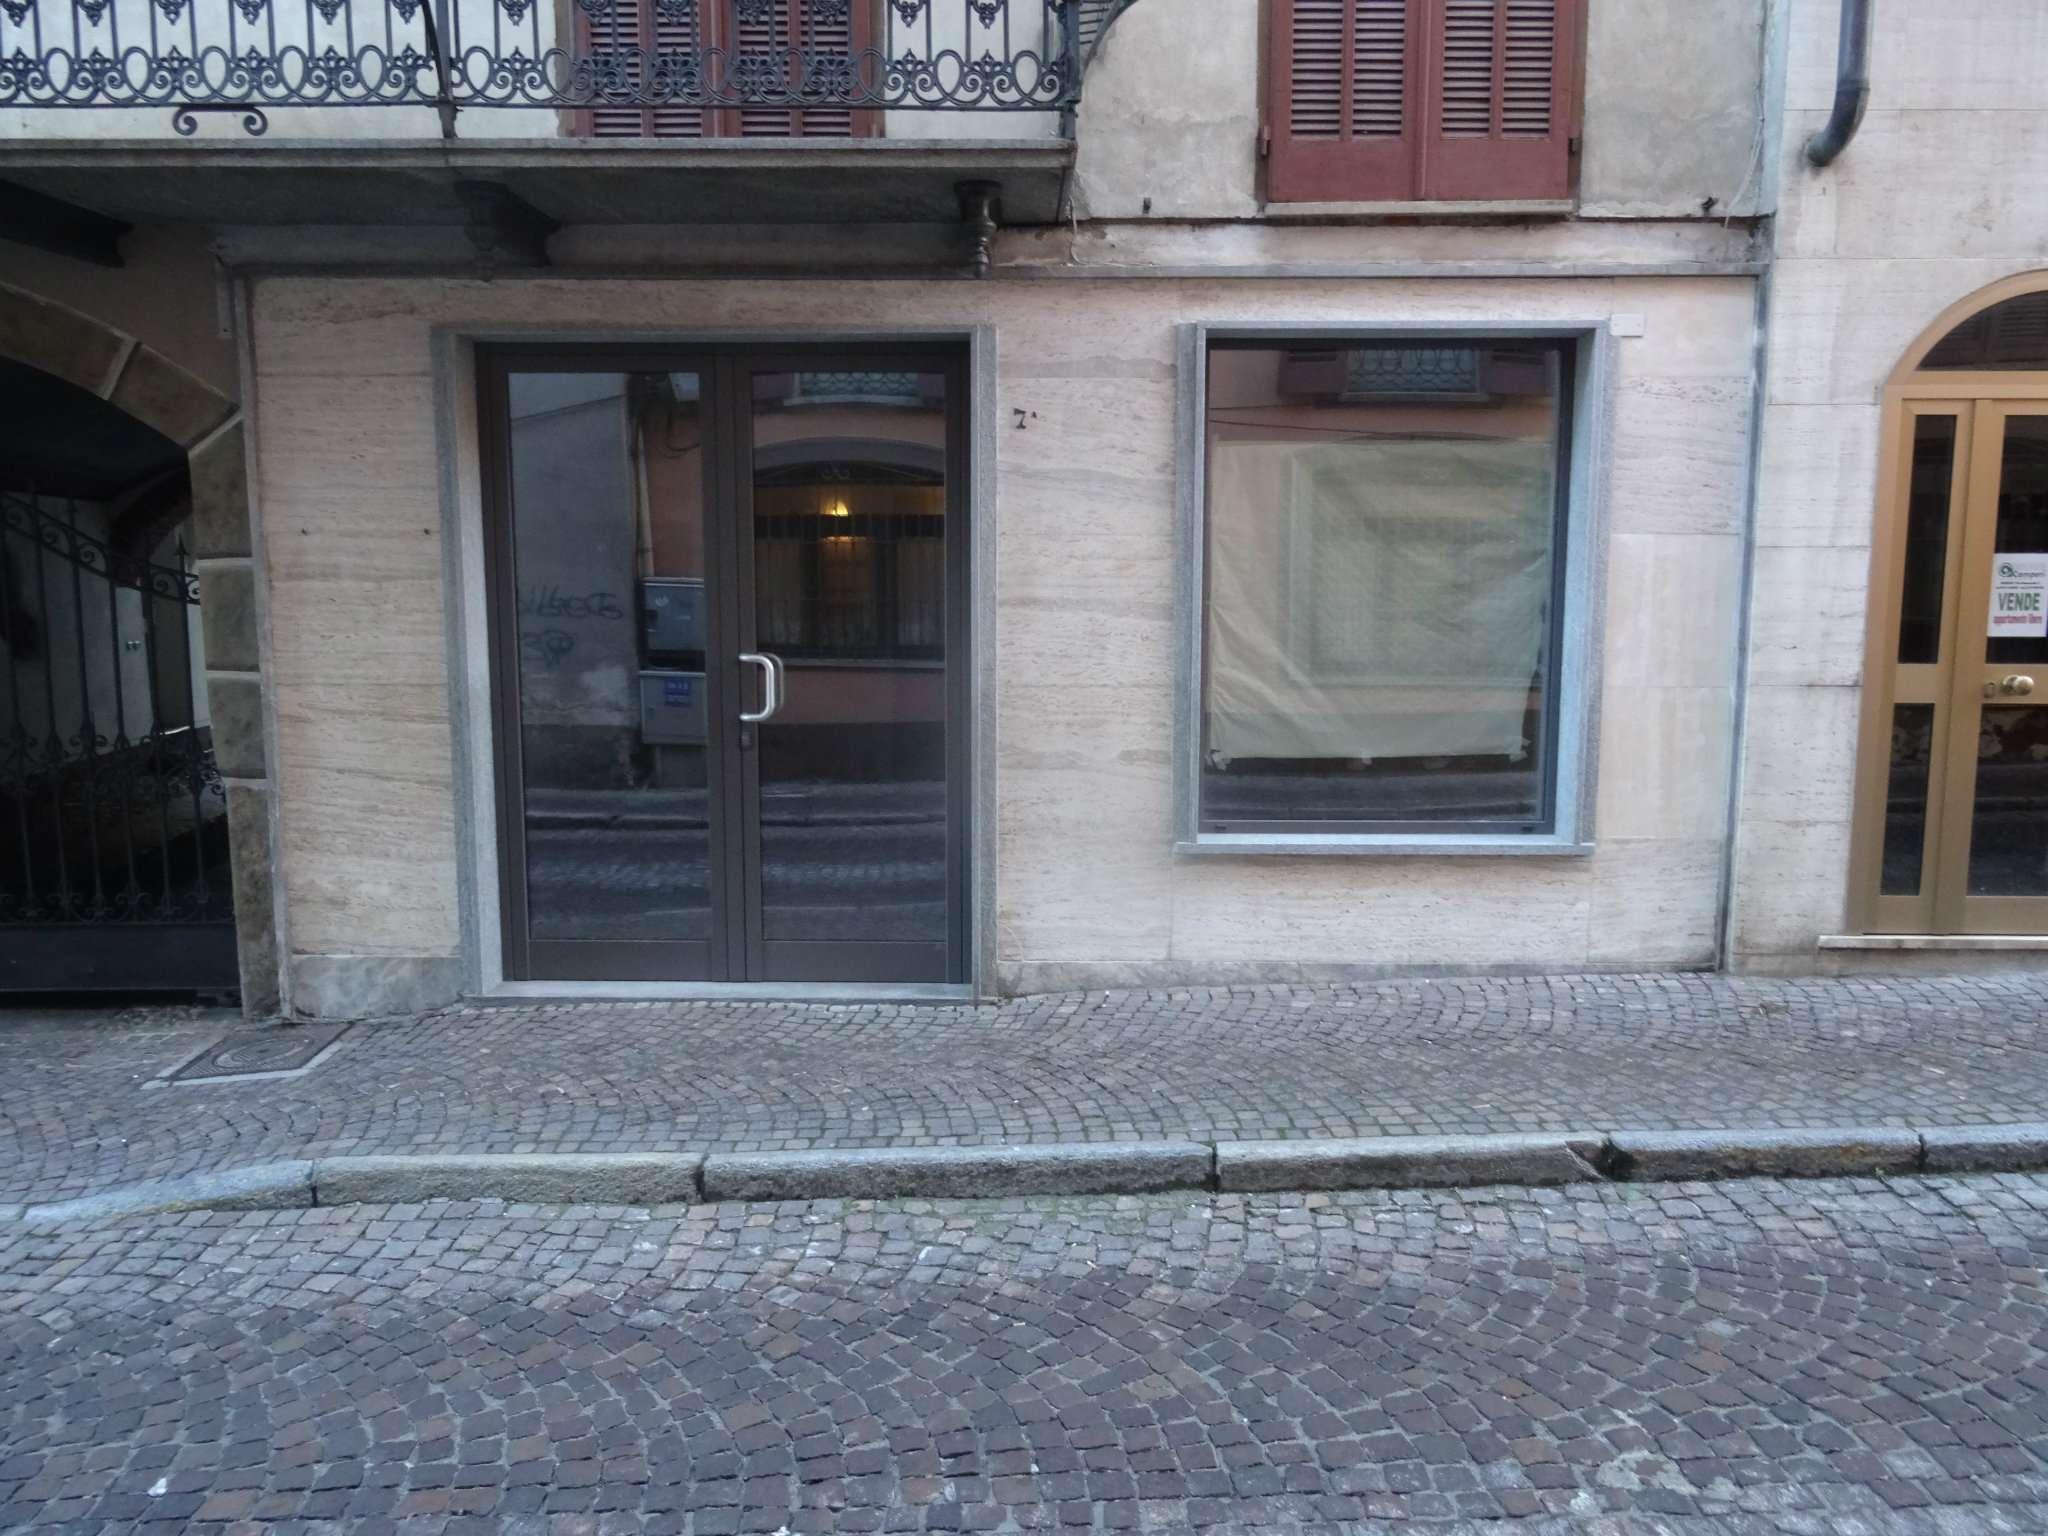 Negozio / Locale in affitto a Mondovì, 4 locali, Trattative riservate | CambioCasa.it